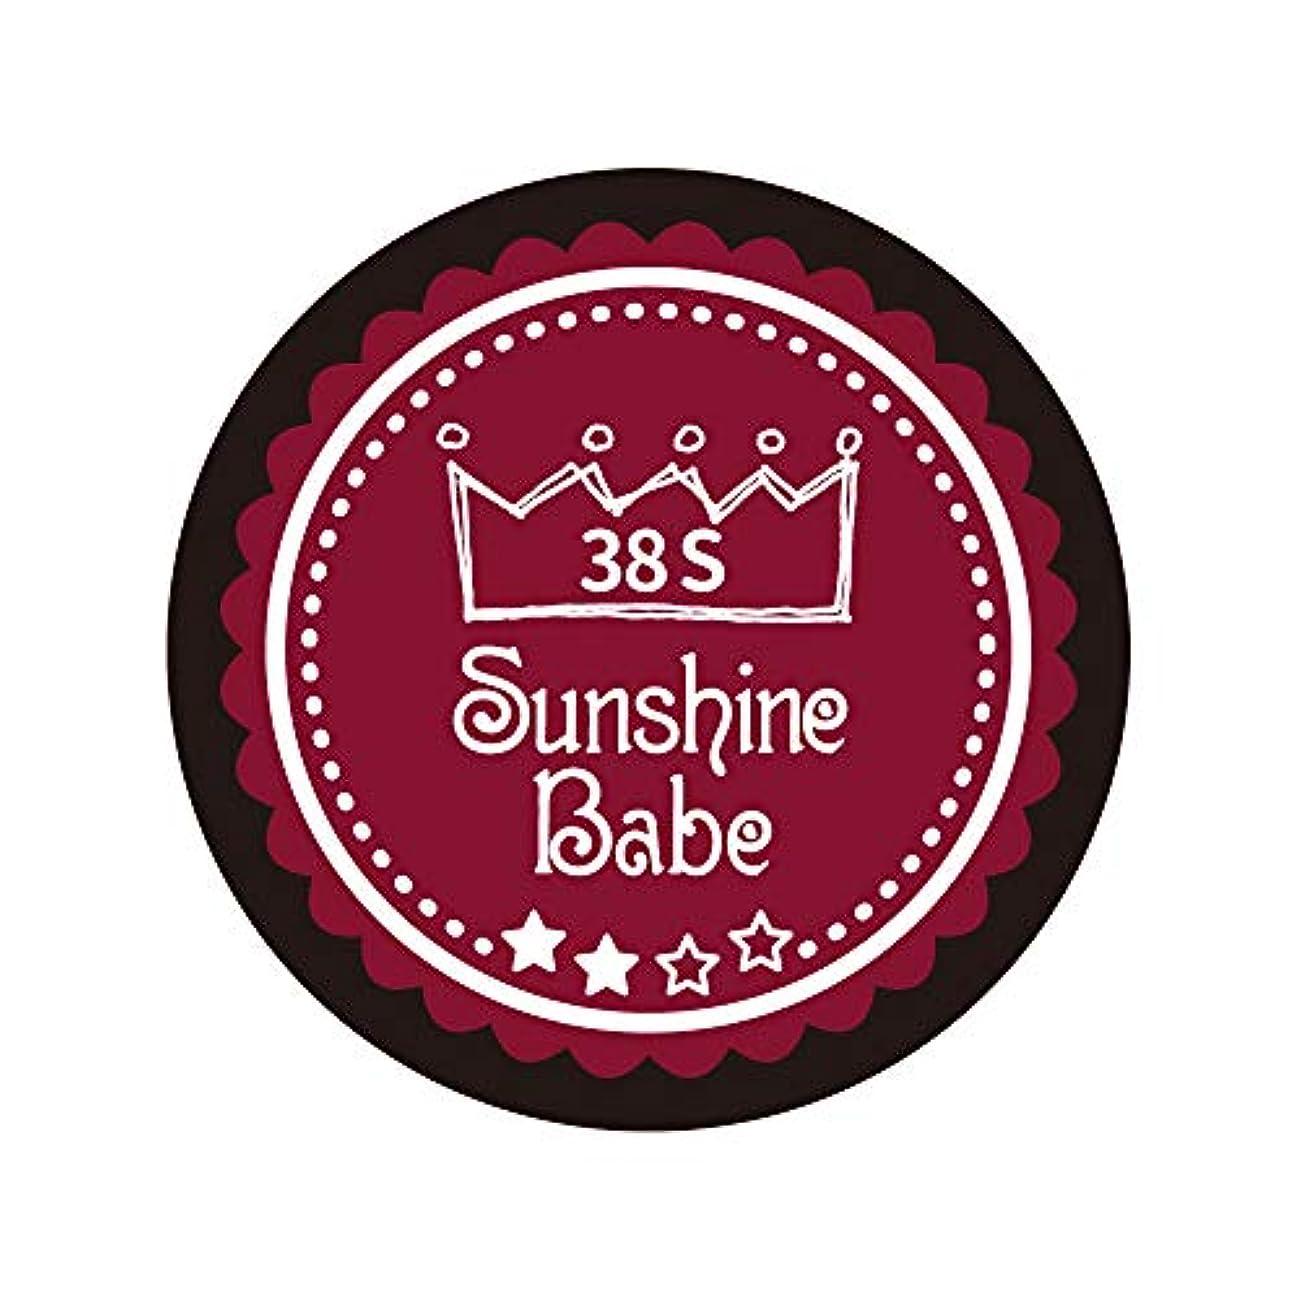 発行するウェイトレス雨のSunshine Babe カラージェル 38S レッドペア 4g UV/LED対応